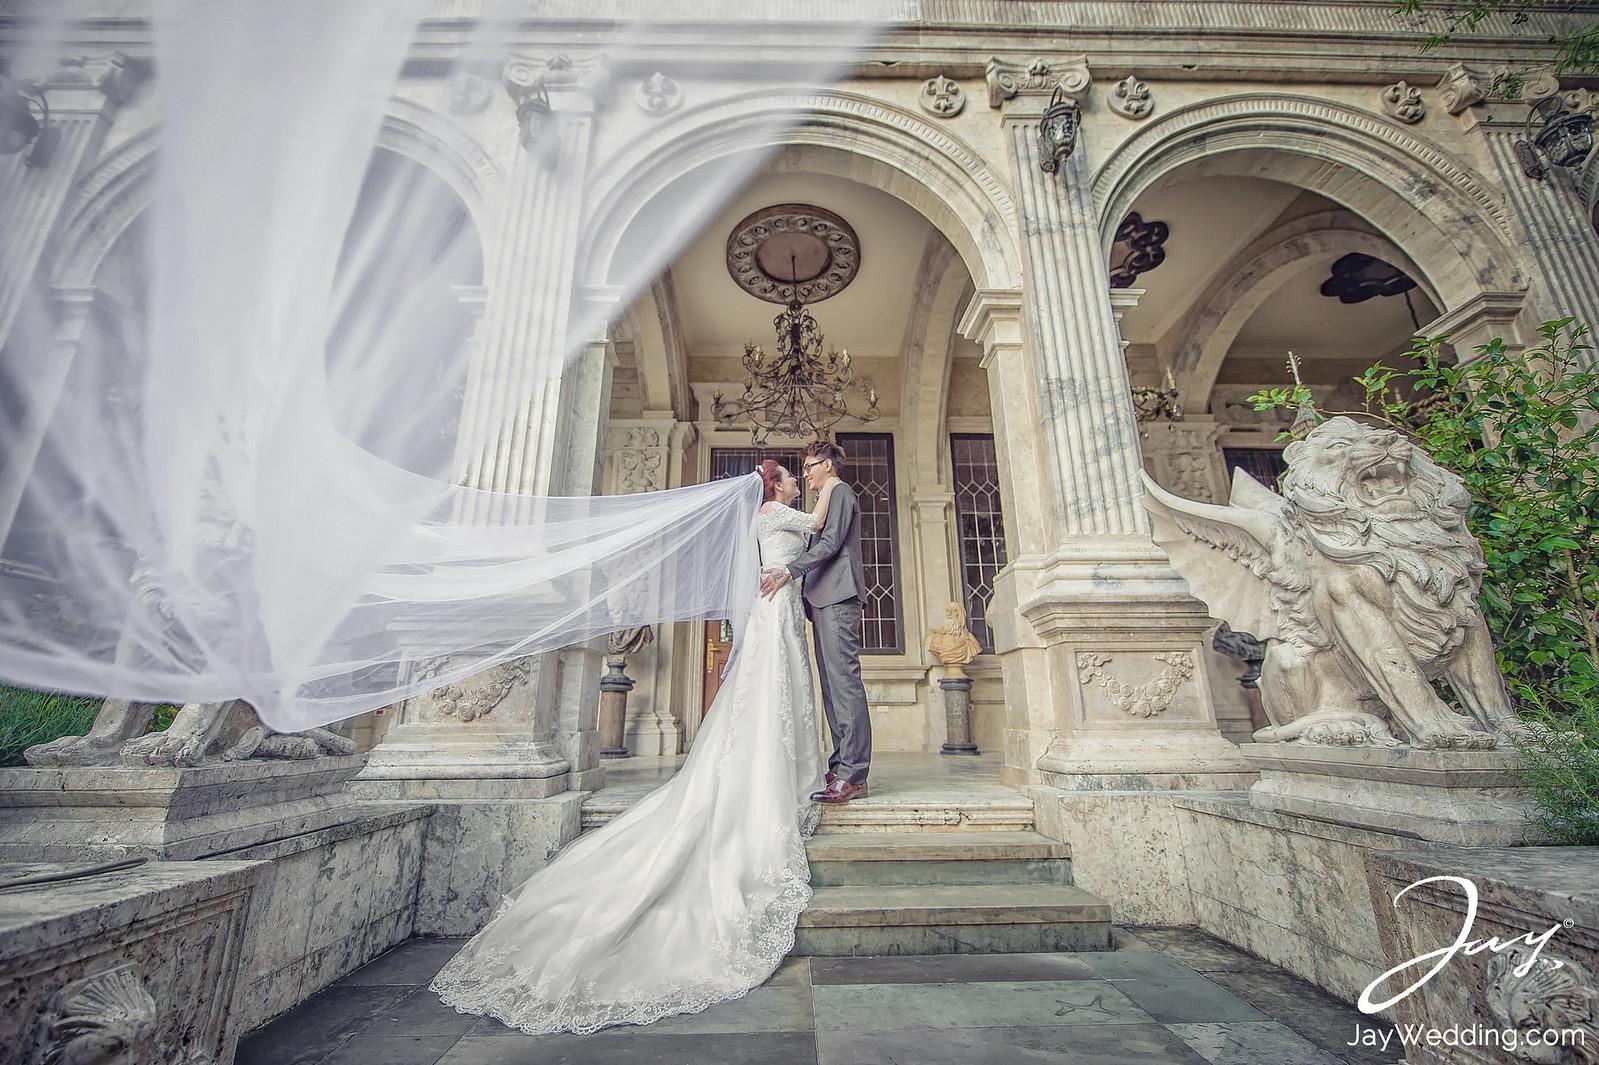 婚紗,婚攝,京都,老英格蘭,清境,海外婚紗,自助婚紗,自主婚紗,婚攝A-Jay,婚攝阿杰,jay hsieh,JAY_8682-1